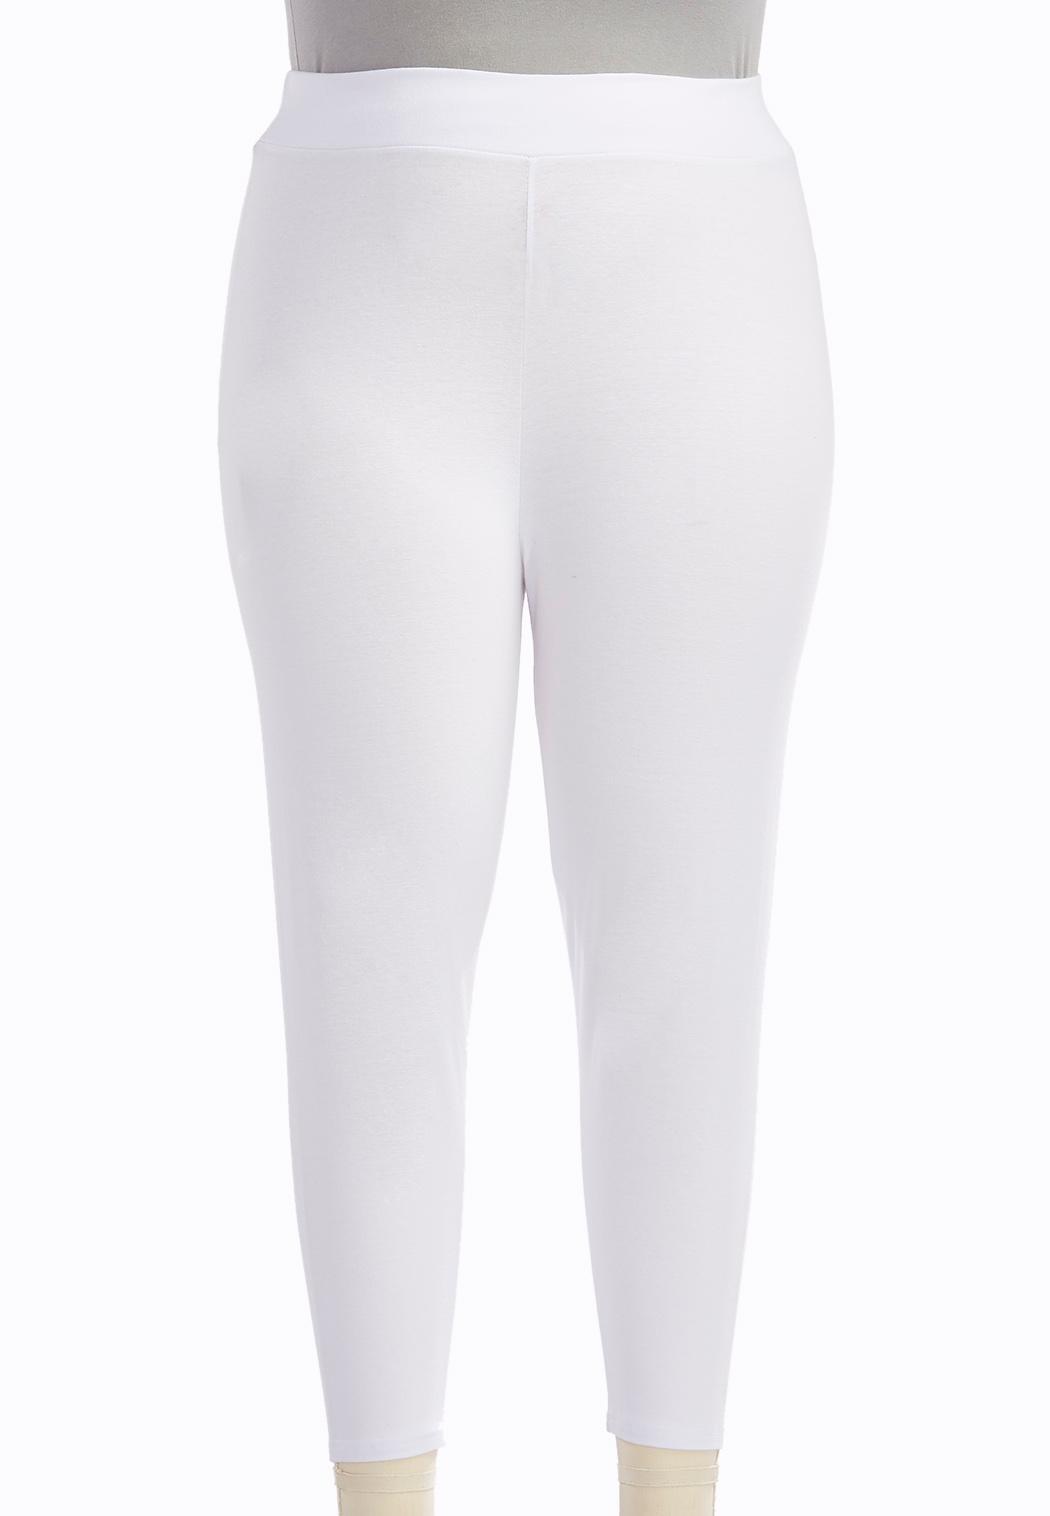 Plus Size Essential Capri Leggings